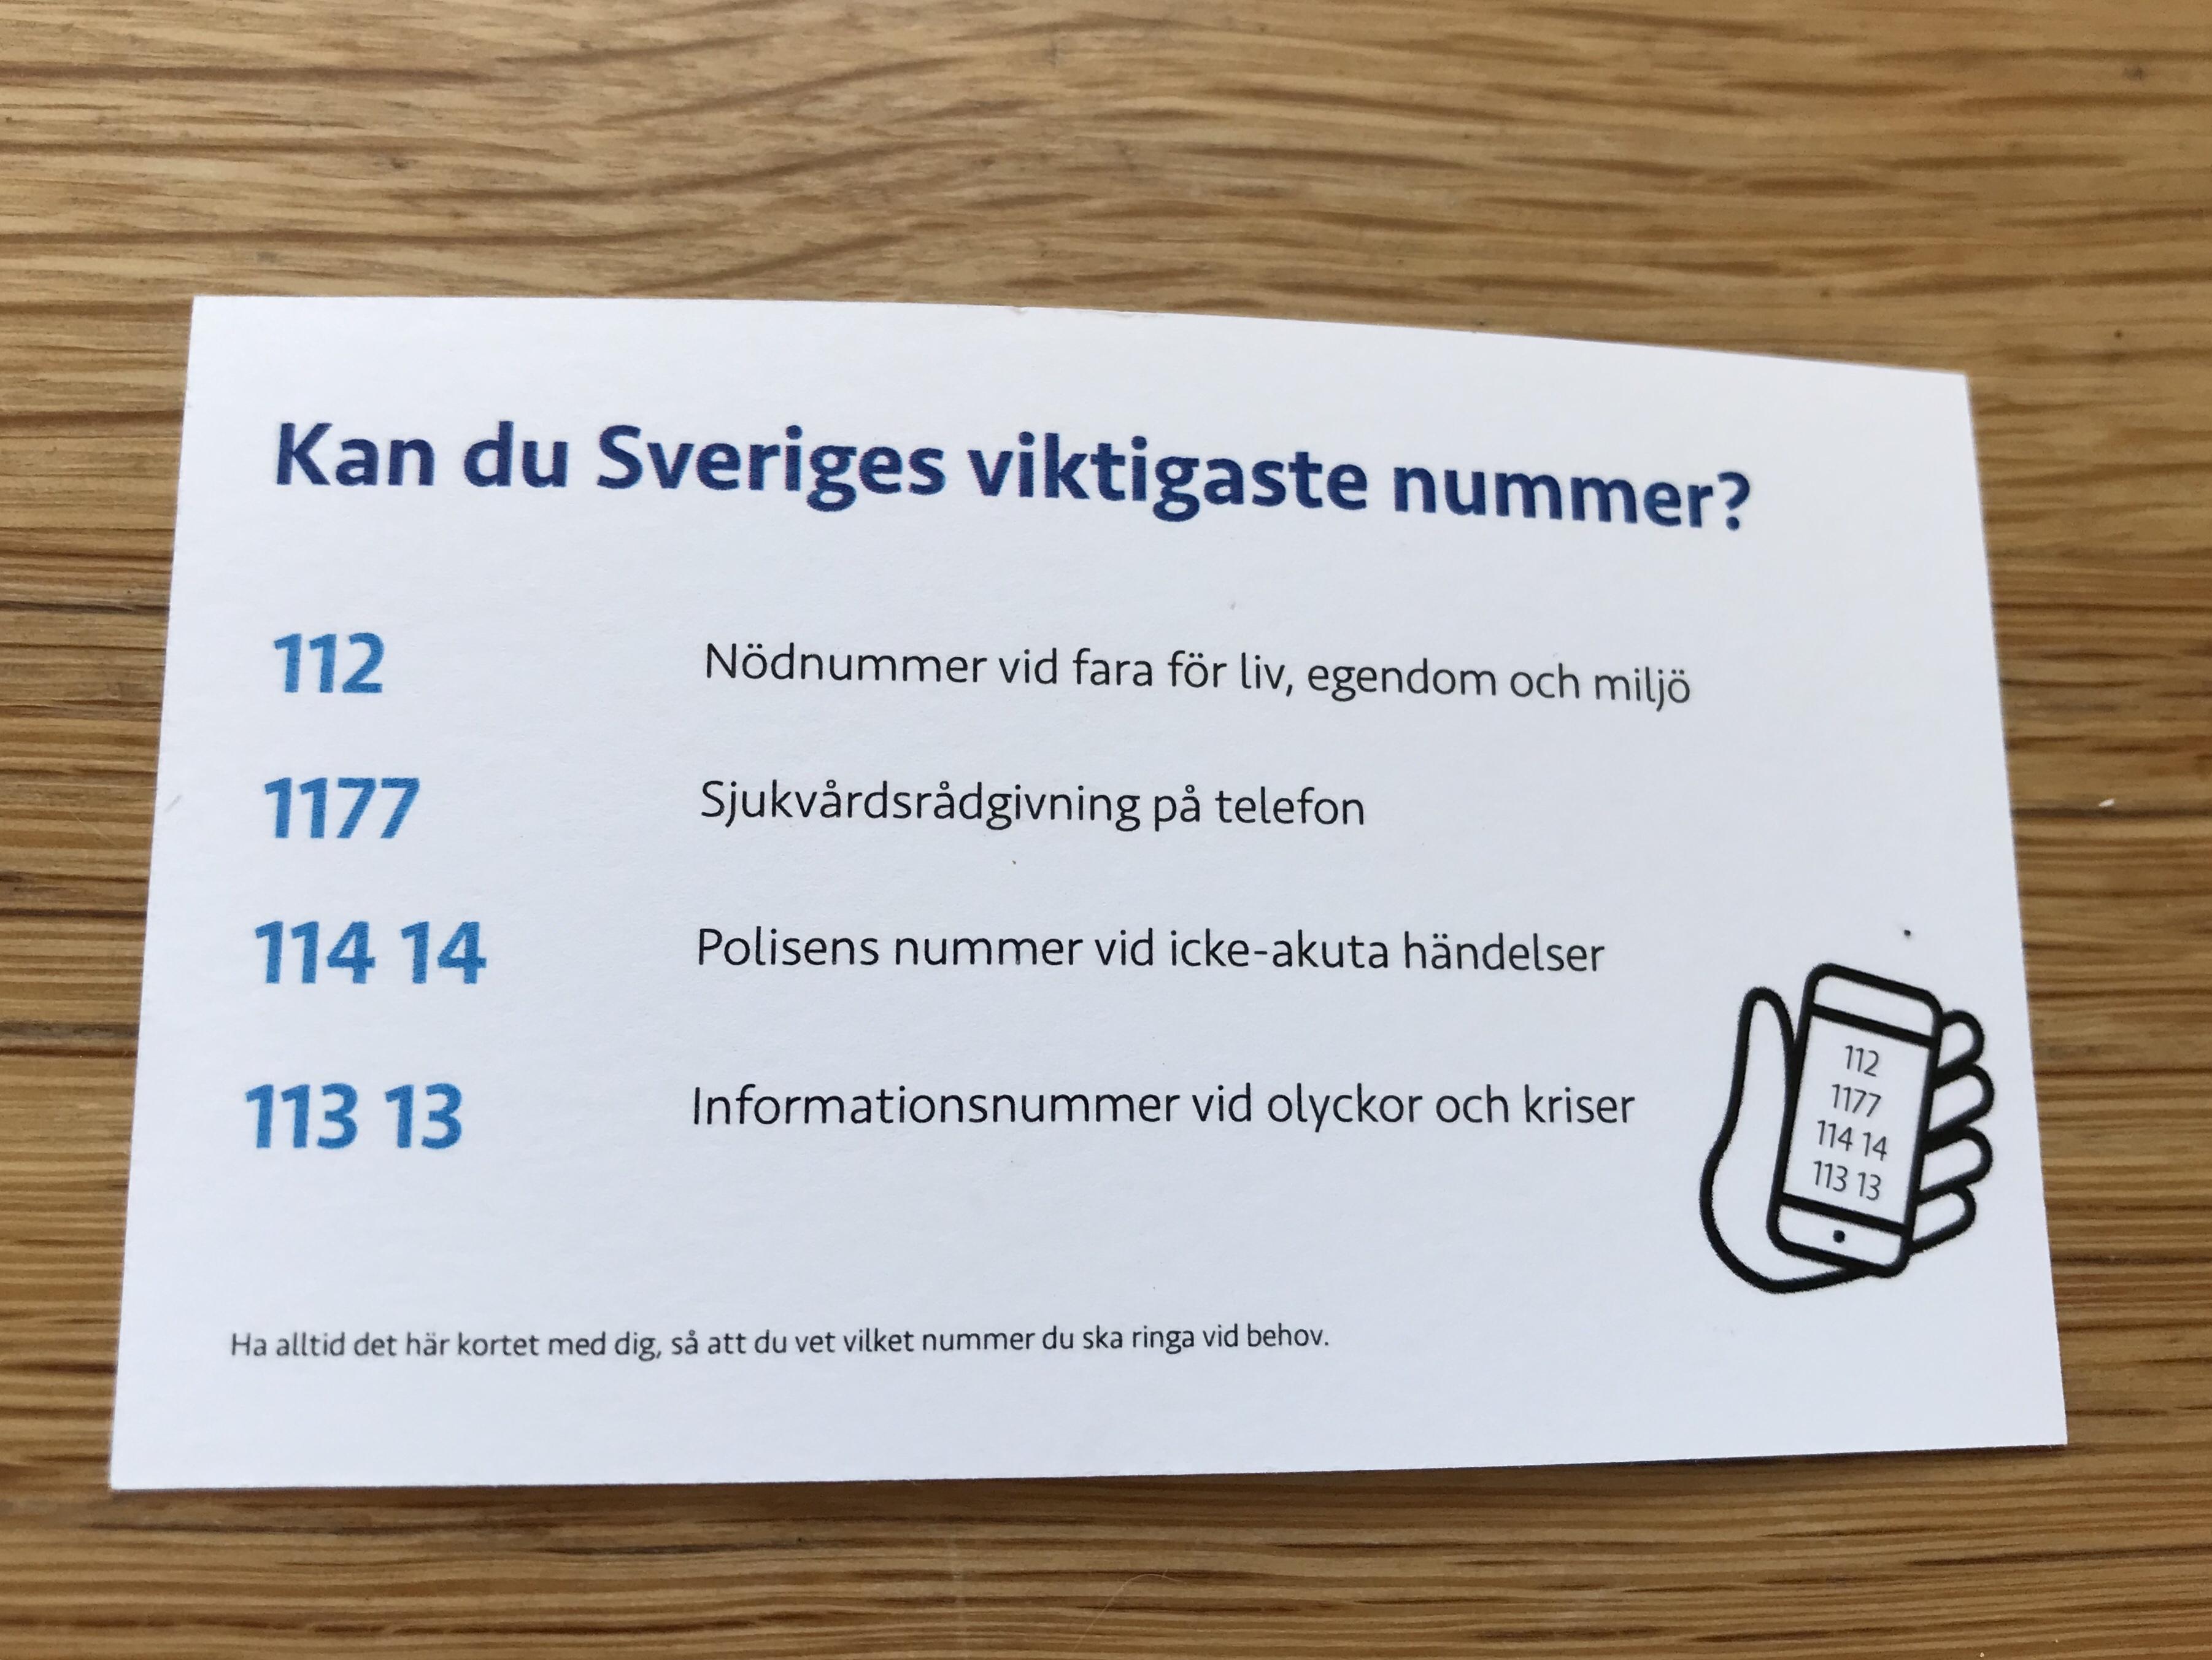 Sveriges viktigaste telefonnummer